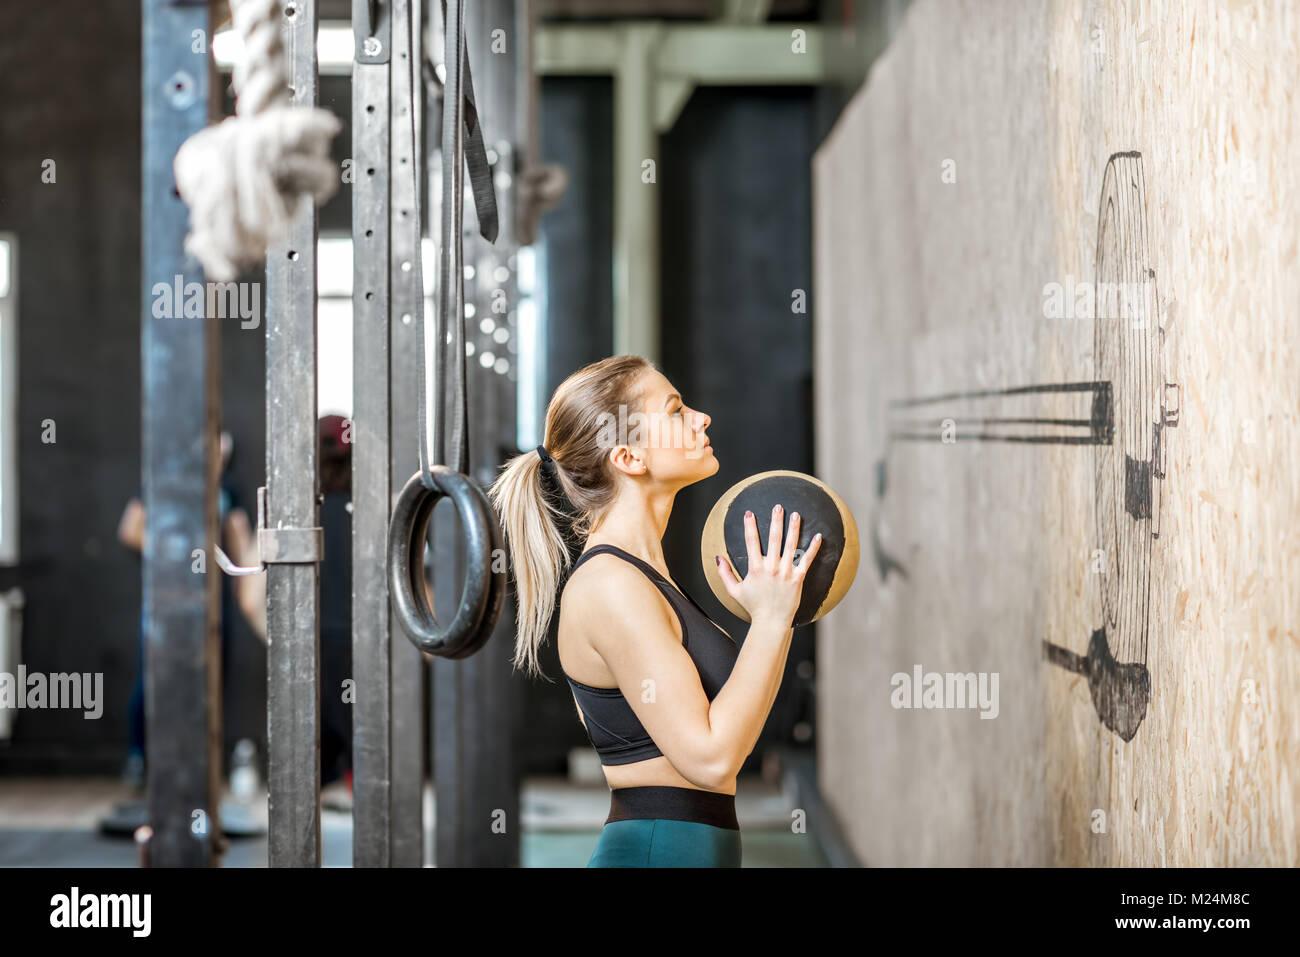 Mujer con bola de entrenamiento en el gimnasio. Imagen De Stock